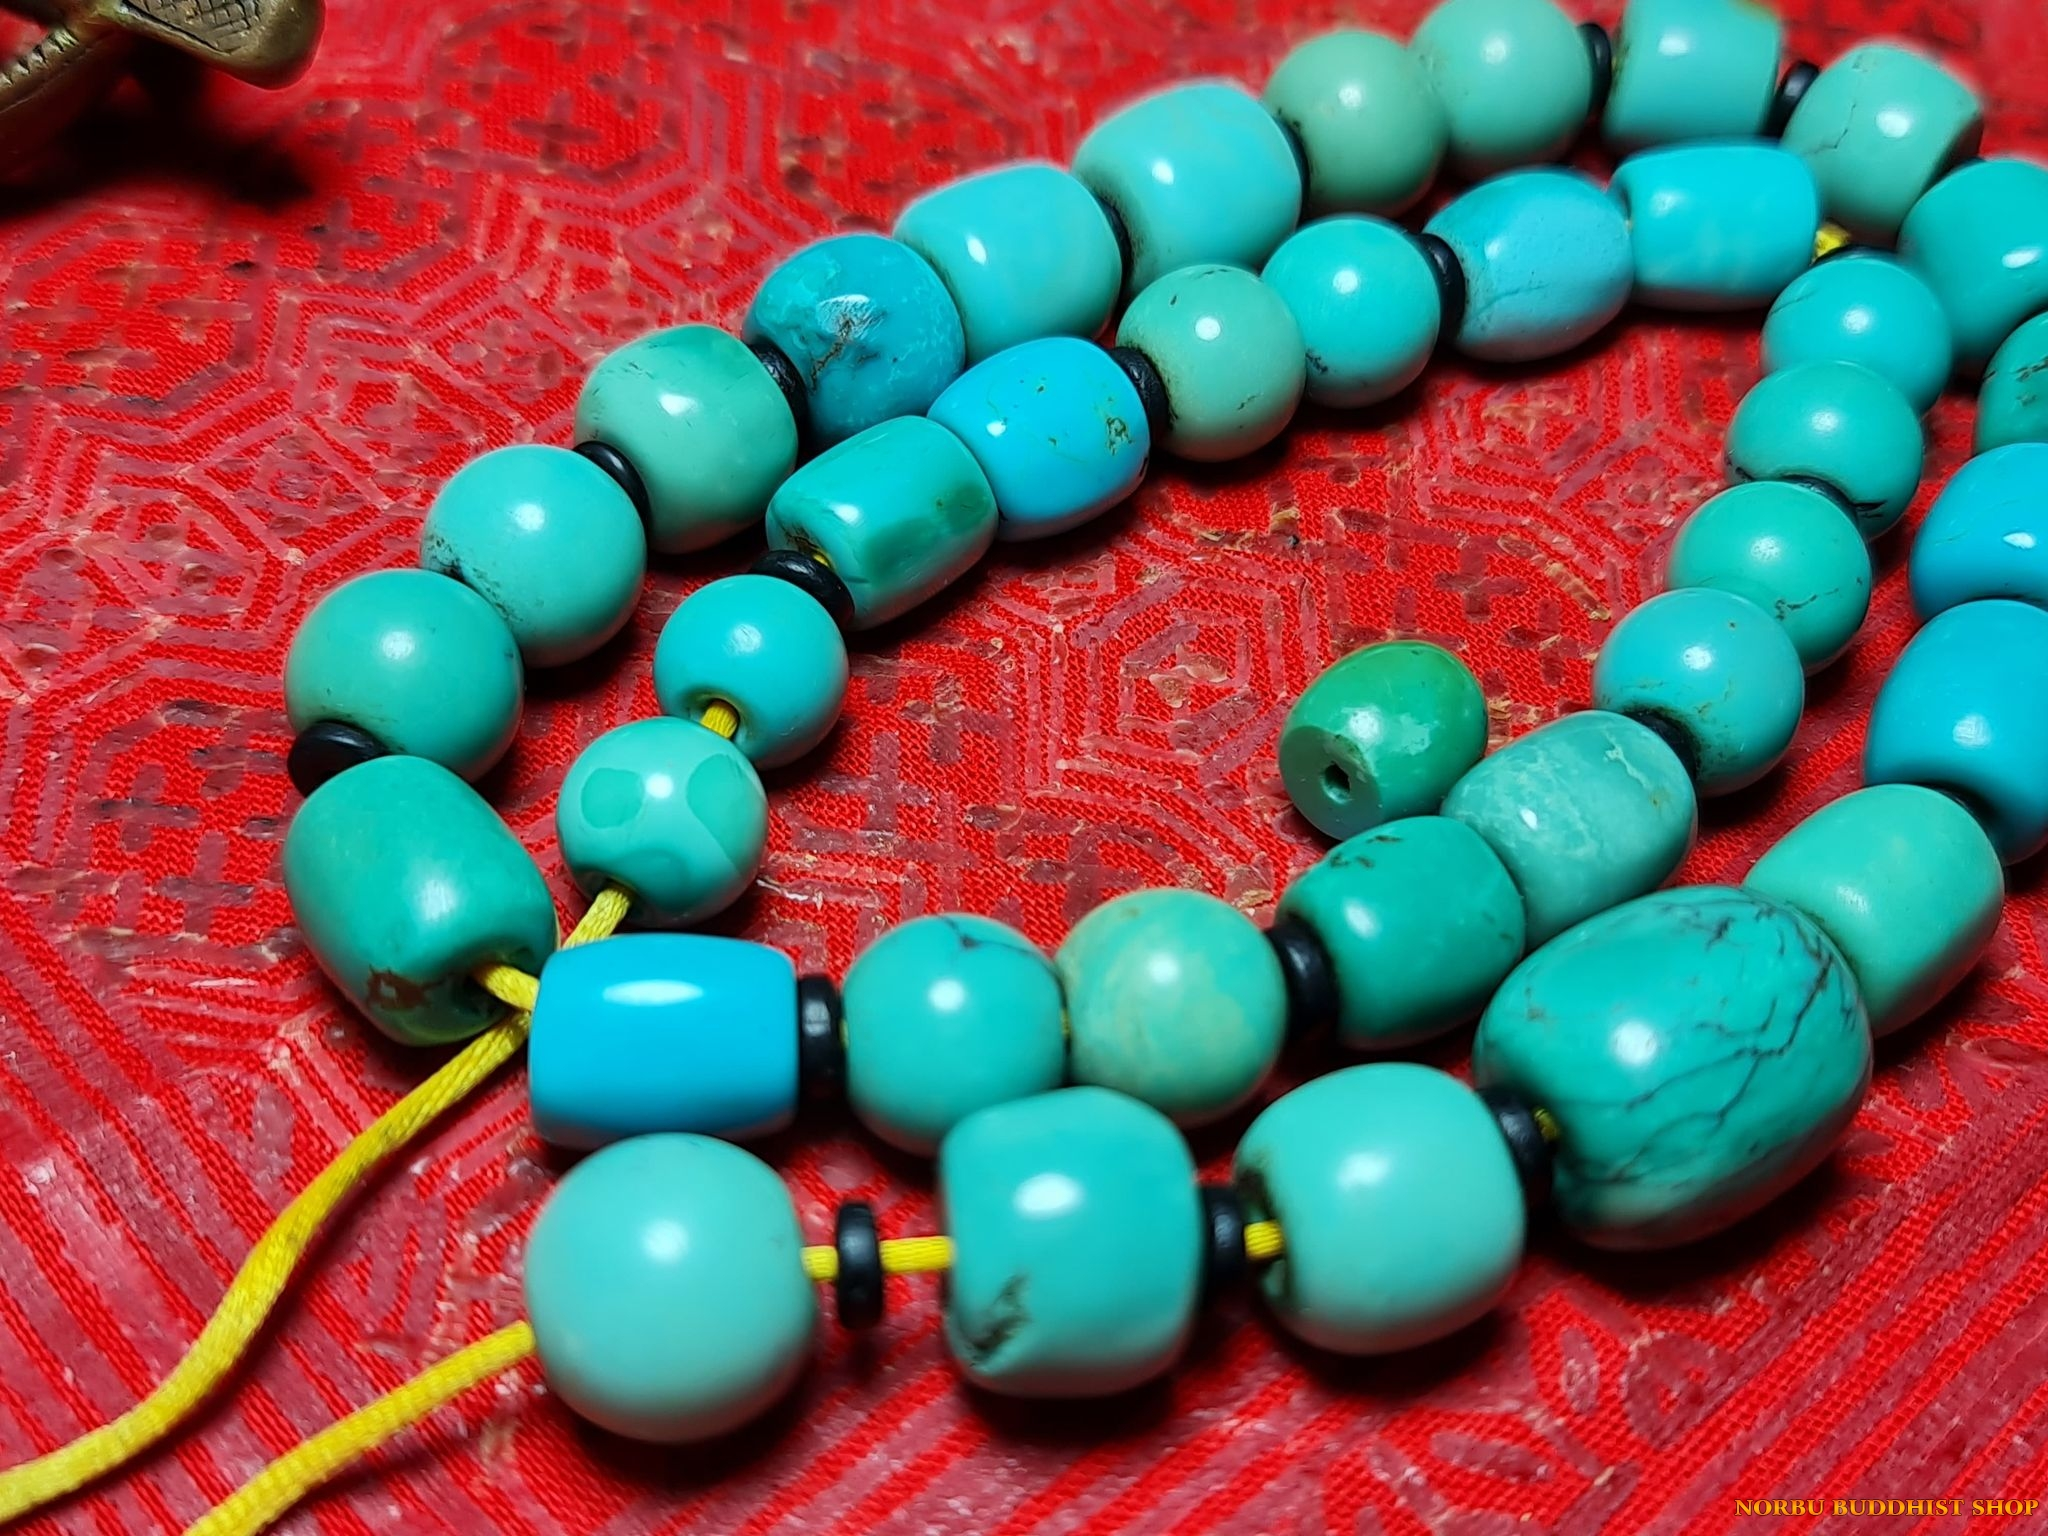 Tìm hiểu về đá Turquoise - ngọc lam viên đá bí ẩn ở Himalaya Tây Tạng 11